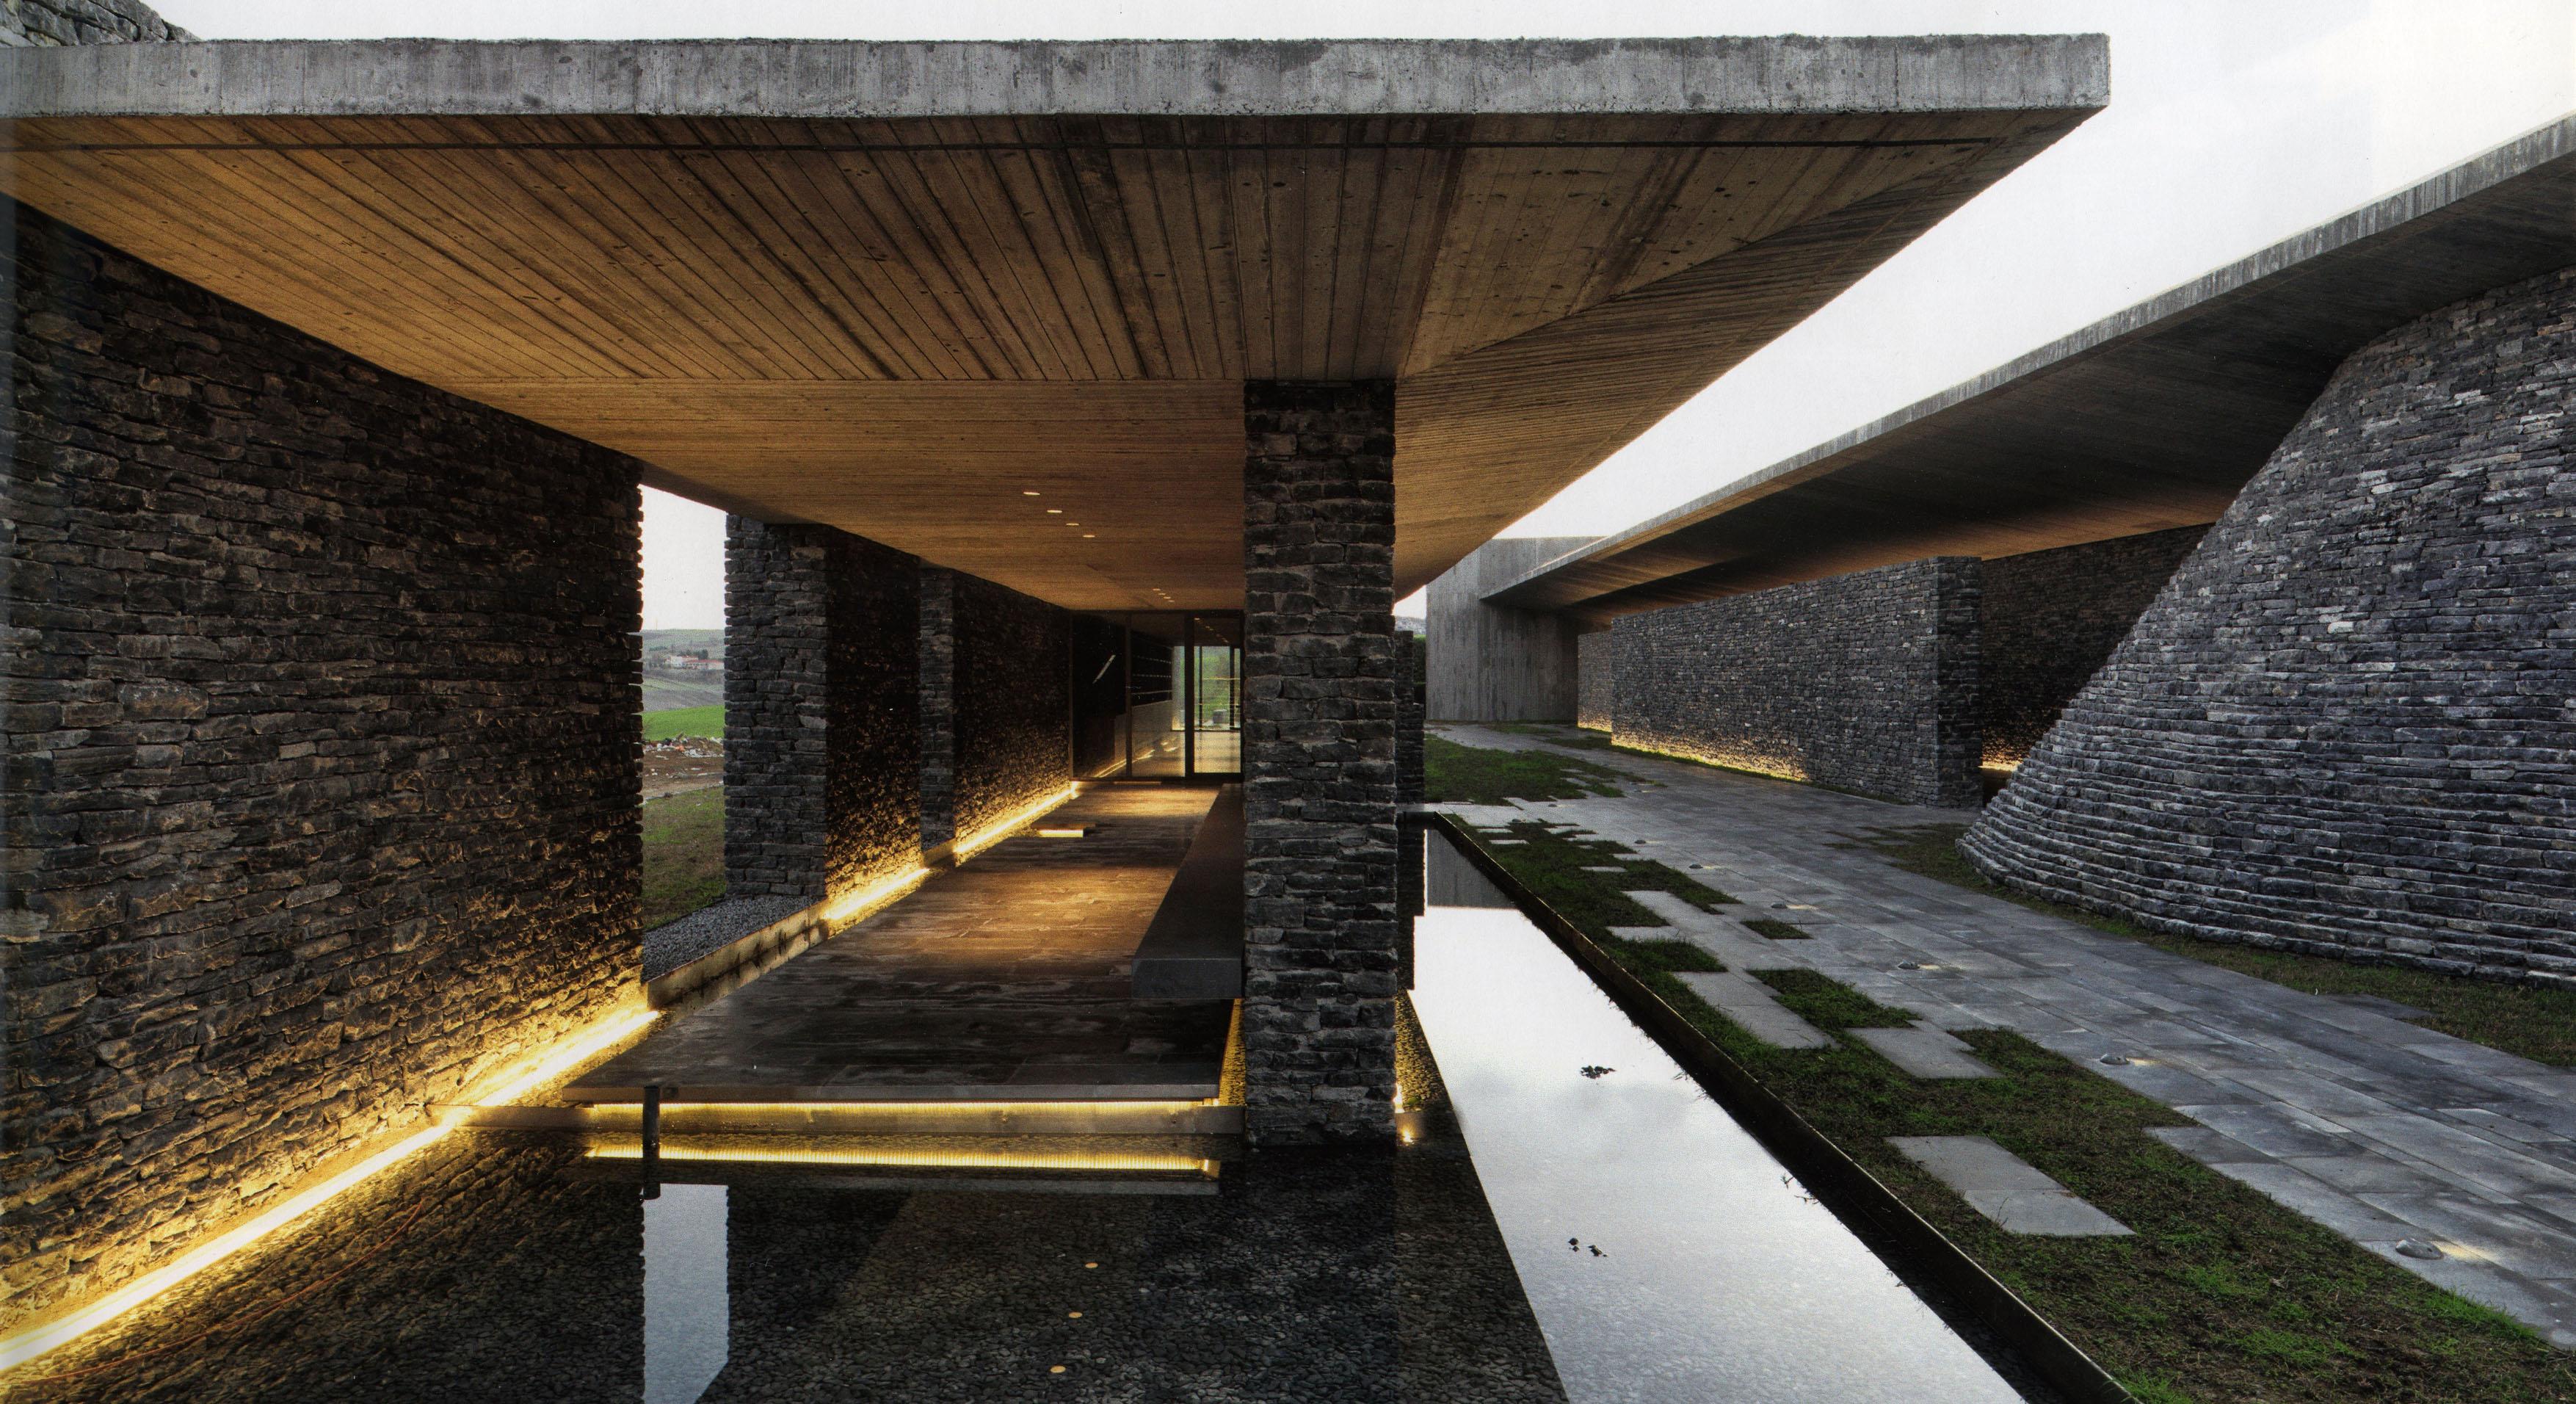 Marmomacc 2015: Premio Internazionale Architetture di pietra 2015